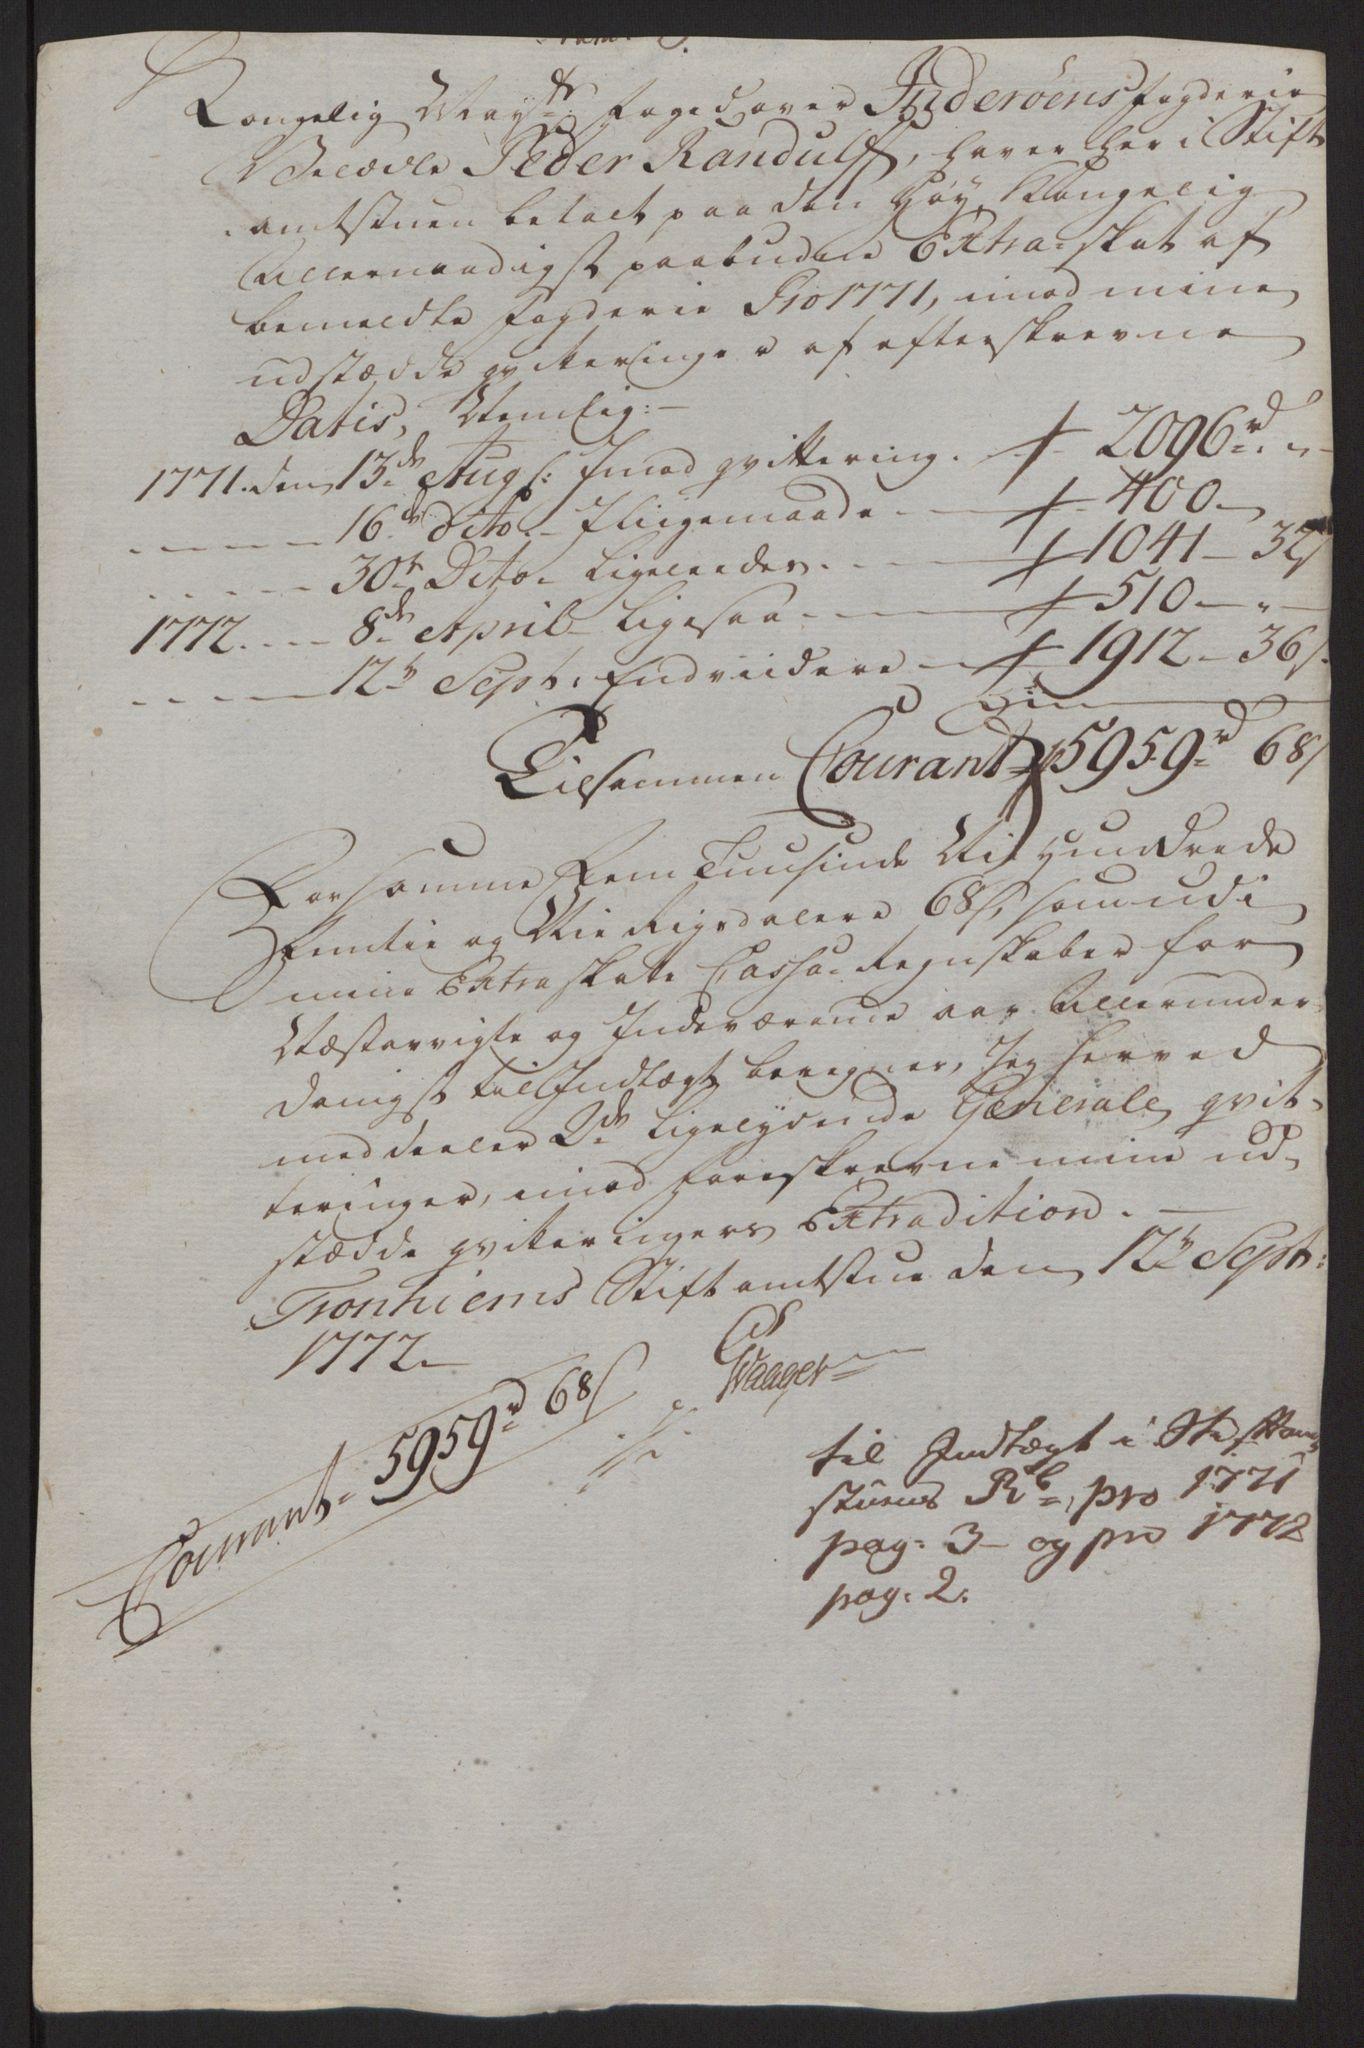 RA, Rentekammeret inntil 1814, Reviderte regnskaper, Fogderegnskap, R63/L4420: Ekstraskatten Inderøy, 1762-1772, s. 441